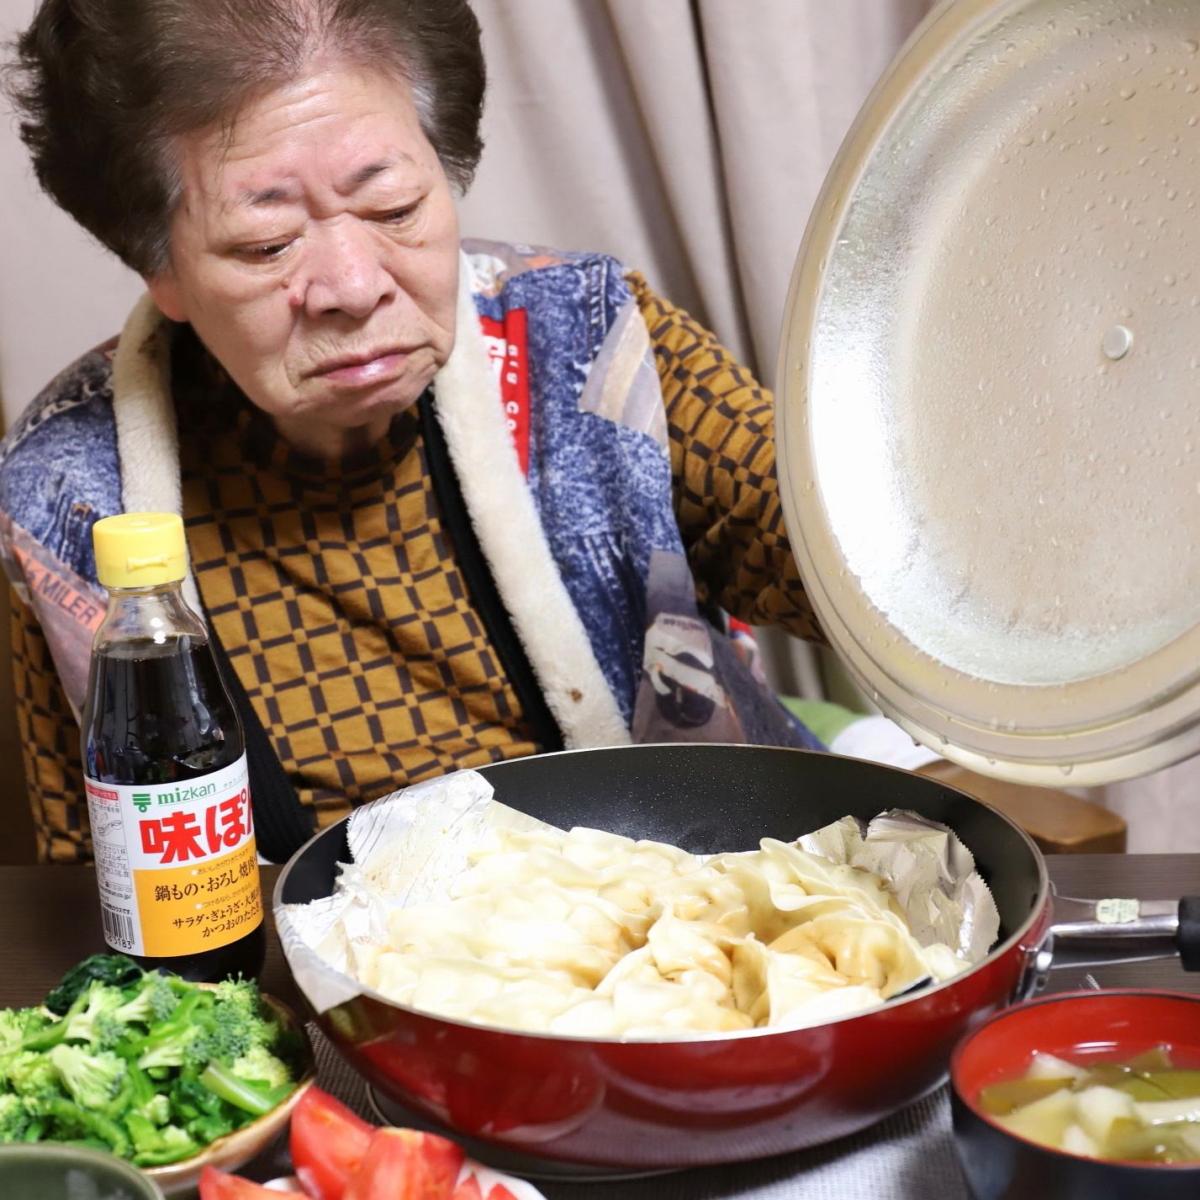 餃子を焼いたフライパンのフタを持ち上げているところ